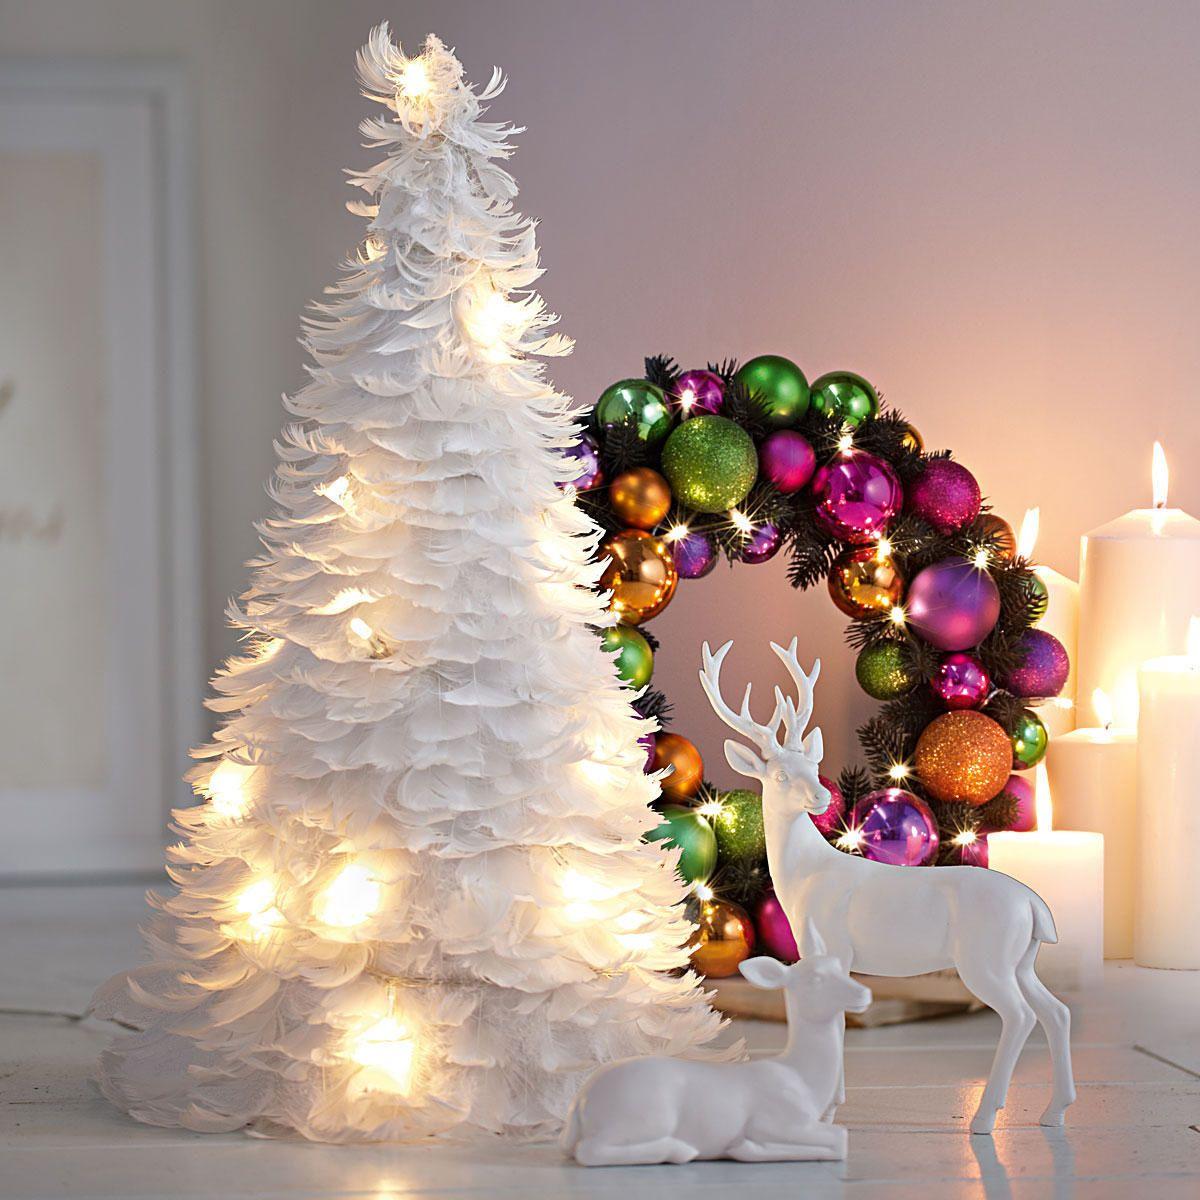 weihnachtsbaum aus unz hligen federn mit integrierter lichterkette weihnachtsbaum tannenbaum. Black Bedroom Furniture Sets. Home Design Ideas